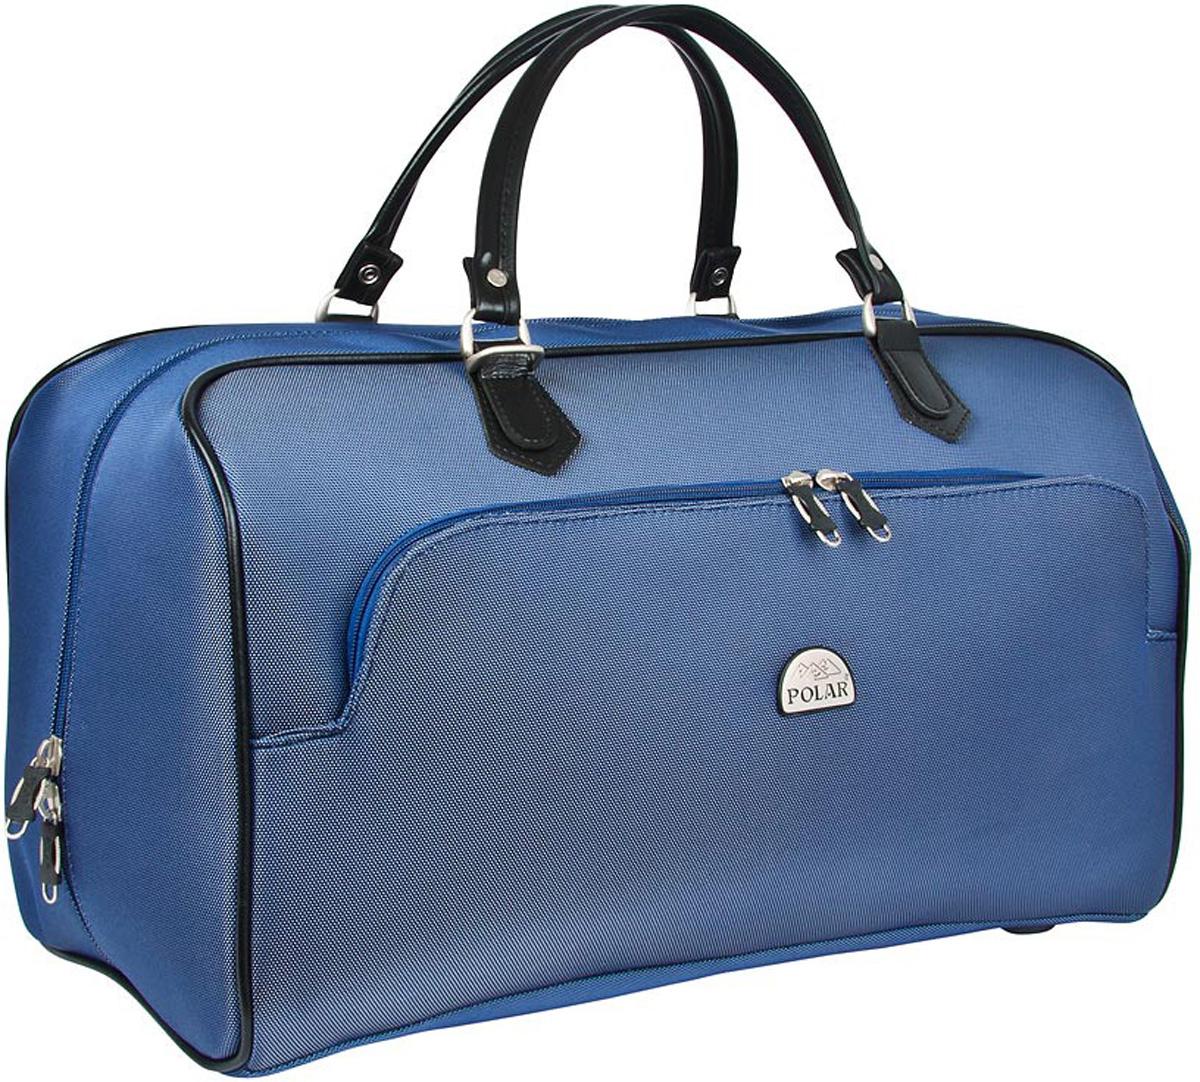 Сумка дорожная Polar, цвет: синий, 47 л. 7051ГризлиСтильная дорожная сумка Polar выполнена из кордура. Сумка имеет одно вместительное отделение, закрывающееся на двухстороннюю застежку-молнию. Стенки и дно - жесткие. Внутри - один большой карман на молнии. Снаружи - большой карман на молнии. Ручки отделаны искусственной кожей. В комплекте есть съемный, регулируемый плечевой ремень.